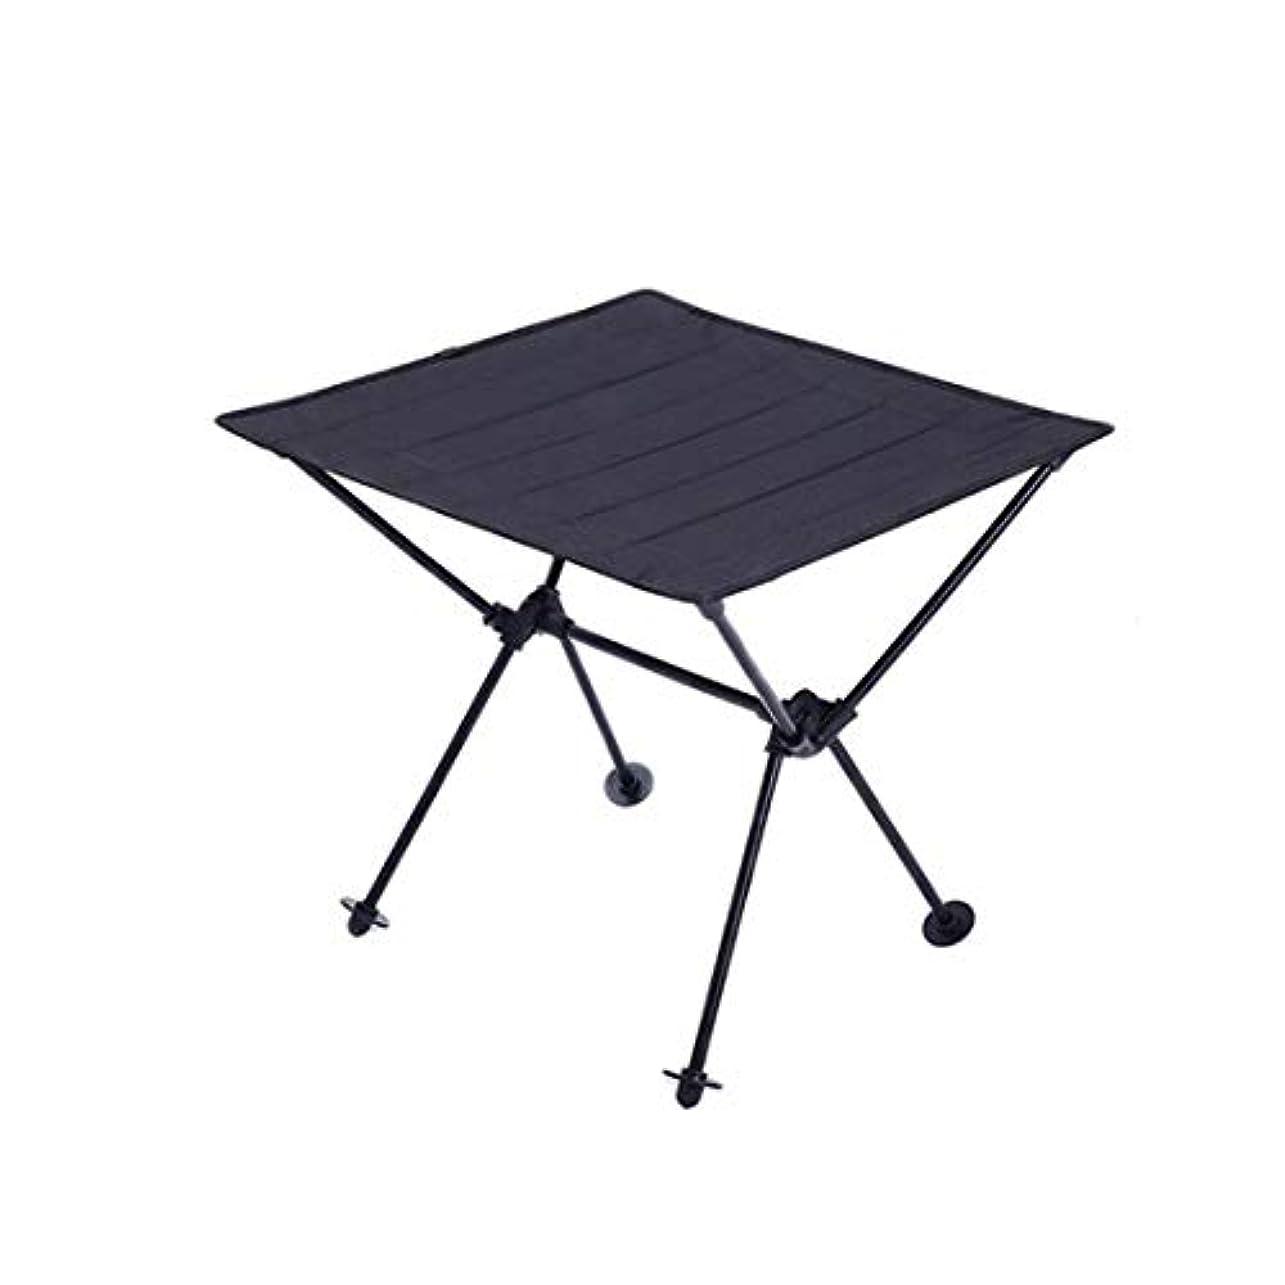 肩をすくめる不利自治多目的防水オックスフォードアルミ折りたたみピクニックテーブル、ライトブルー (Color : ブラック)